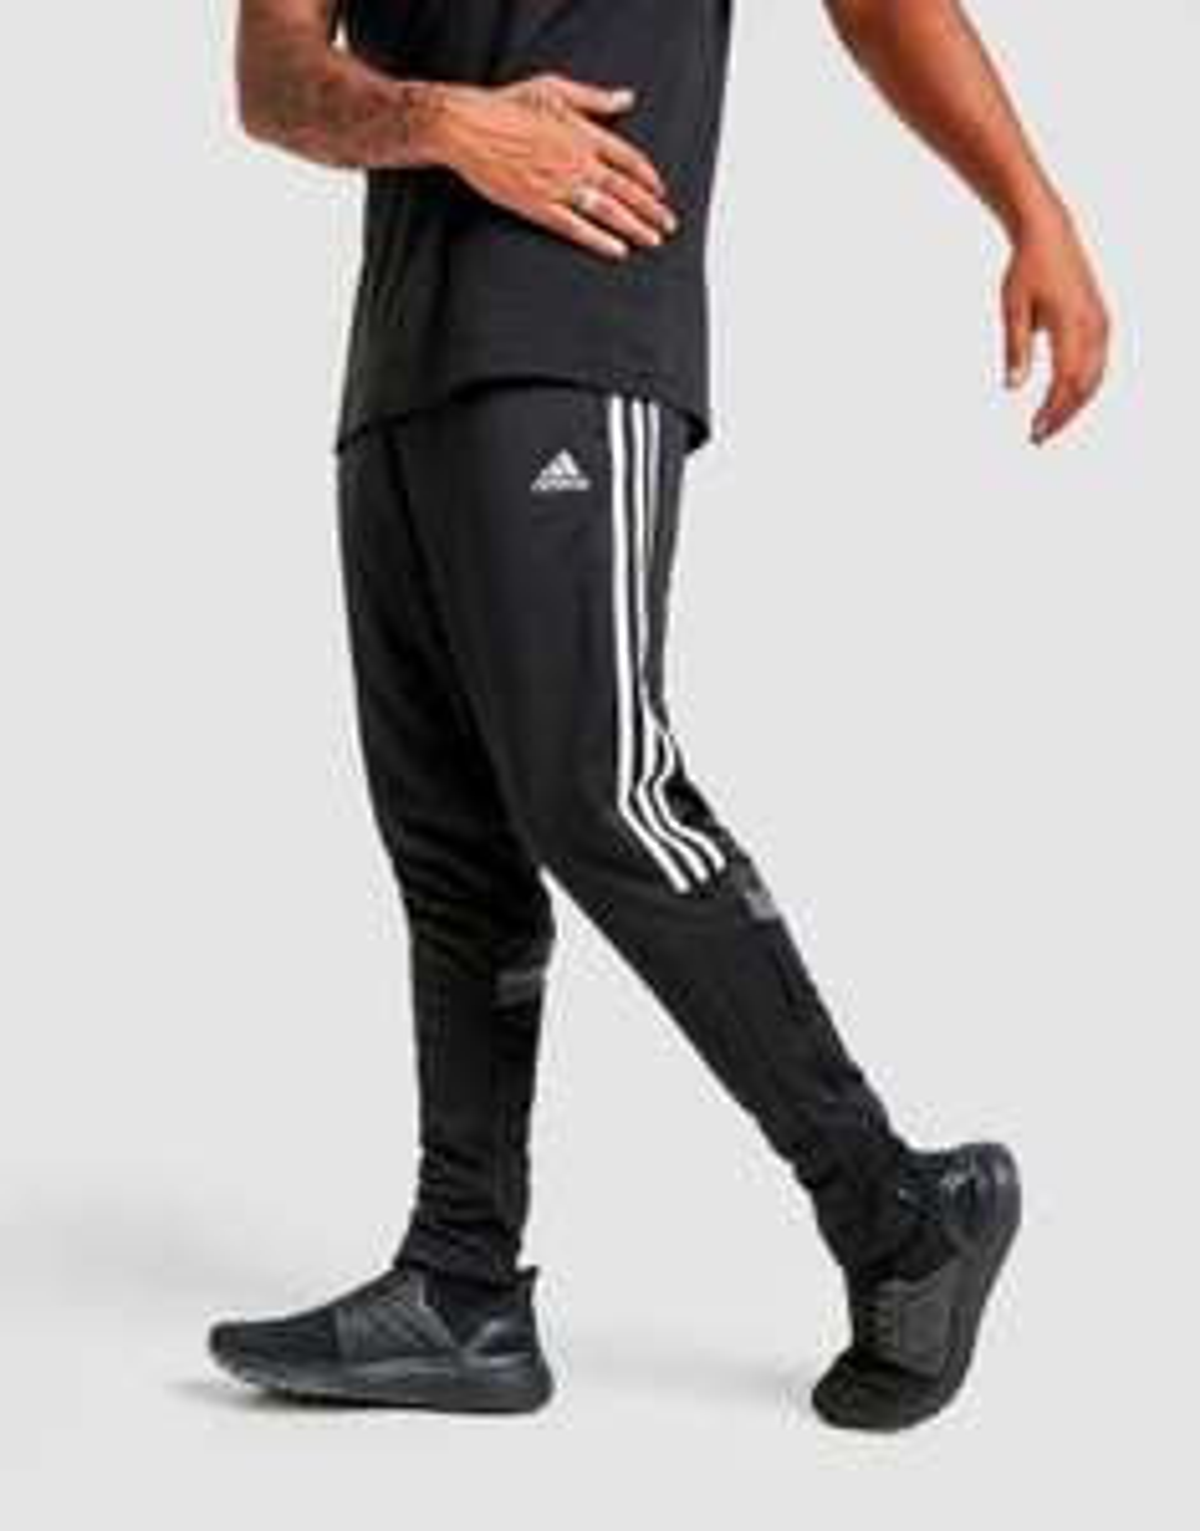 Pantalon de Survêtement Match adidas - Taille XS ou S